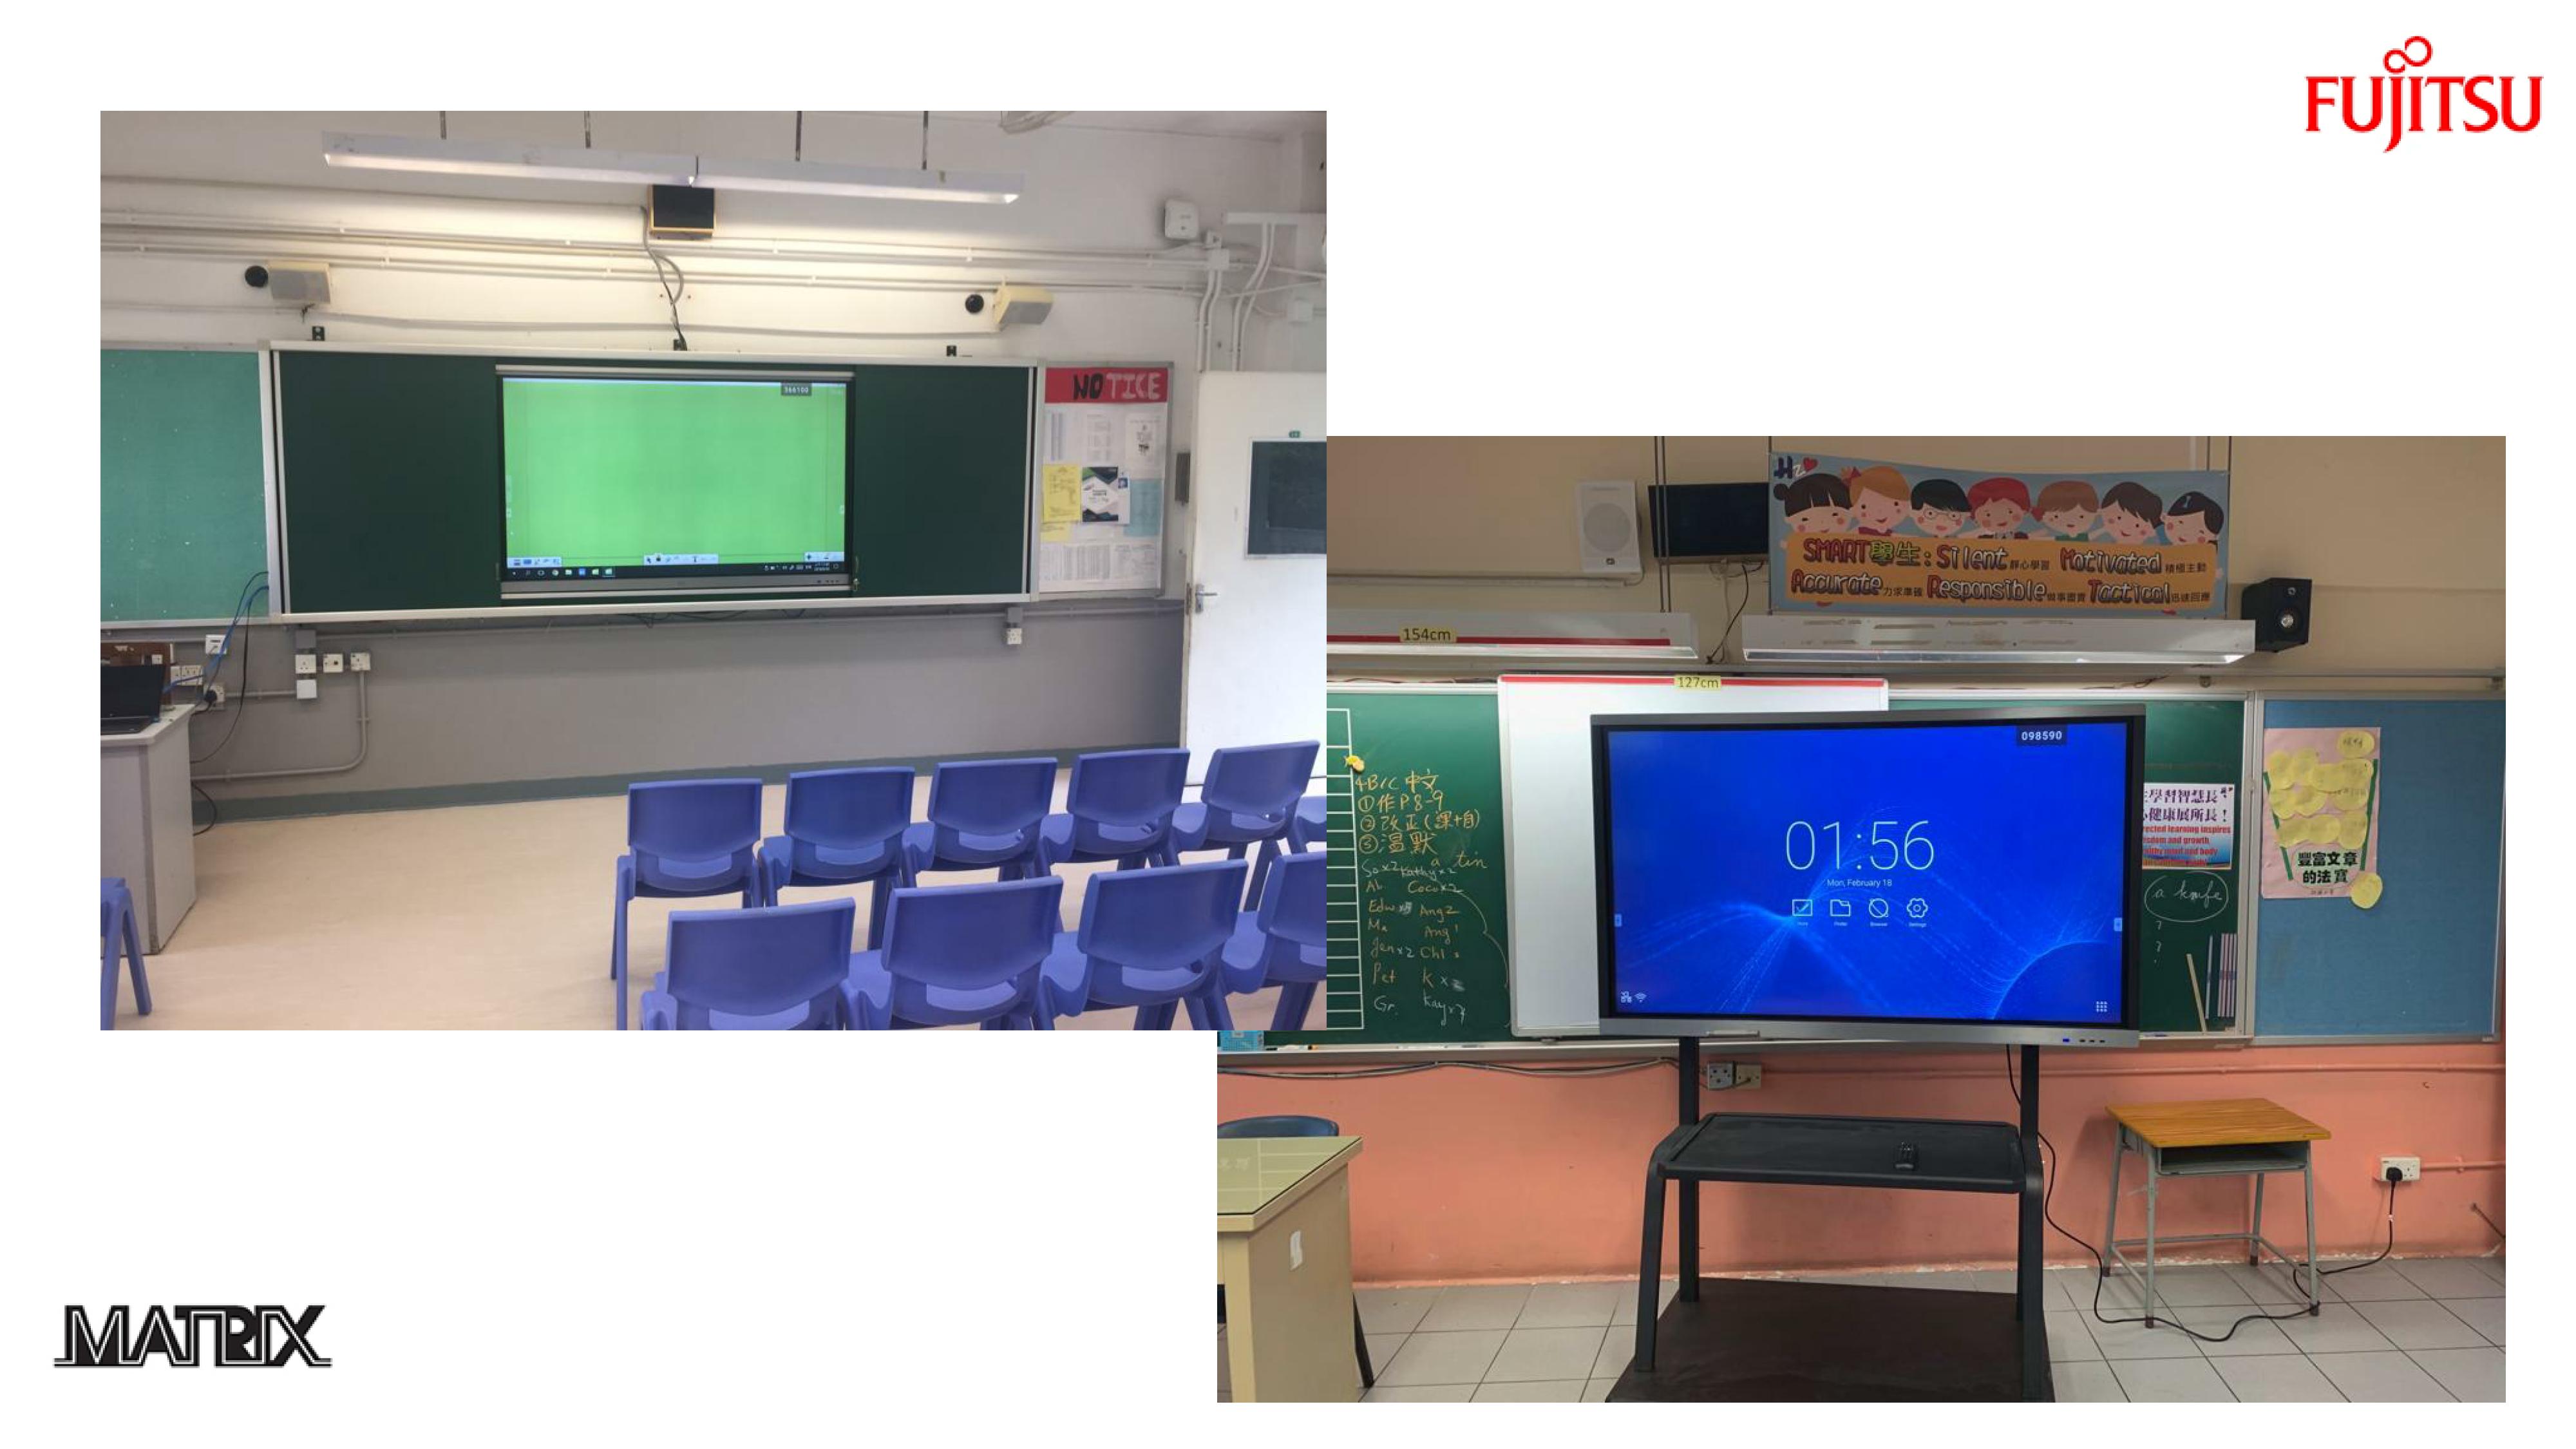 FUJITSU 學校電子白板 (互動觸控智能白板)